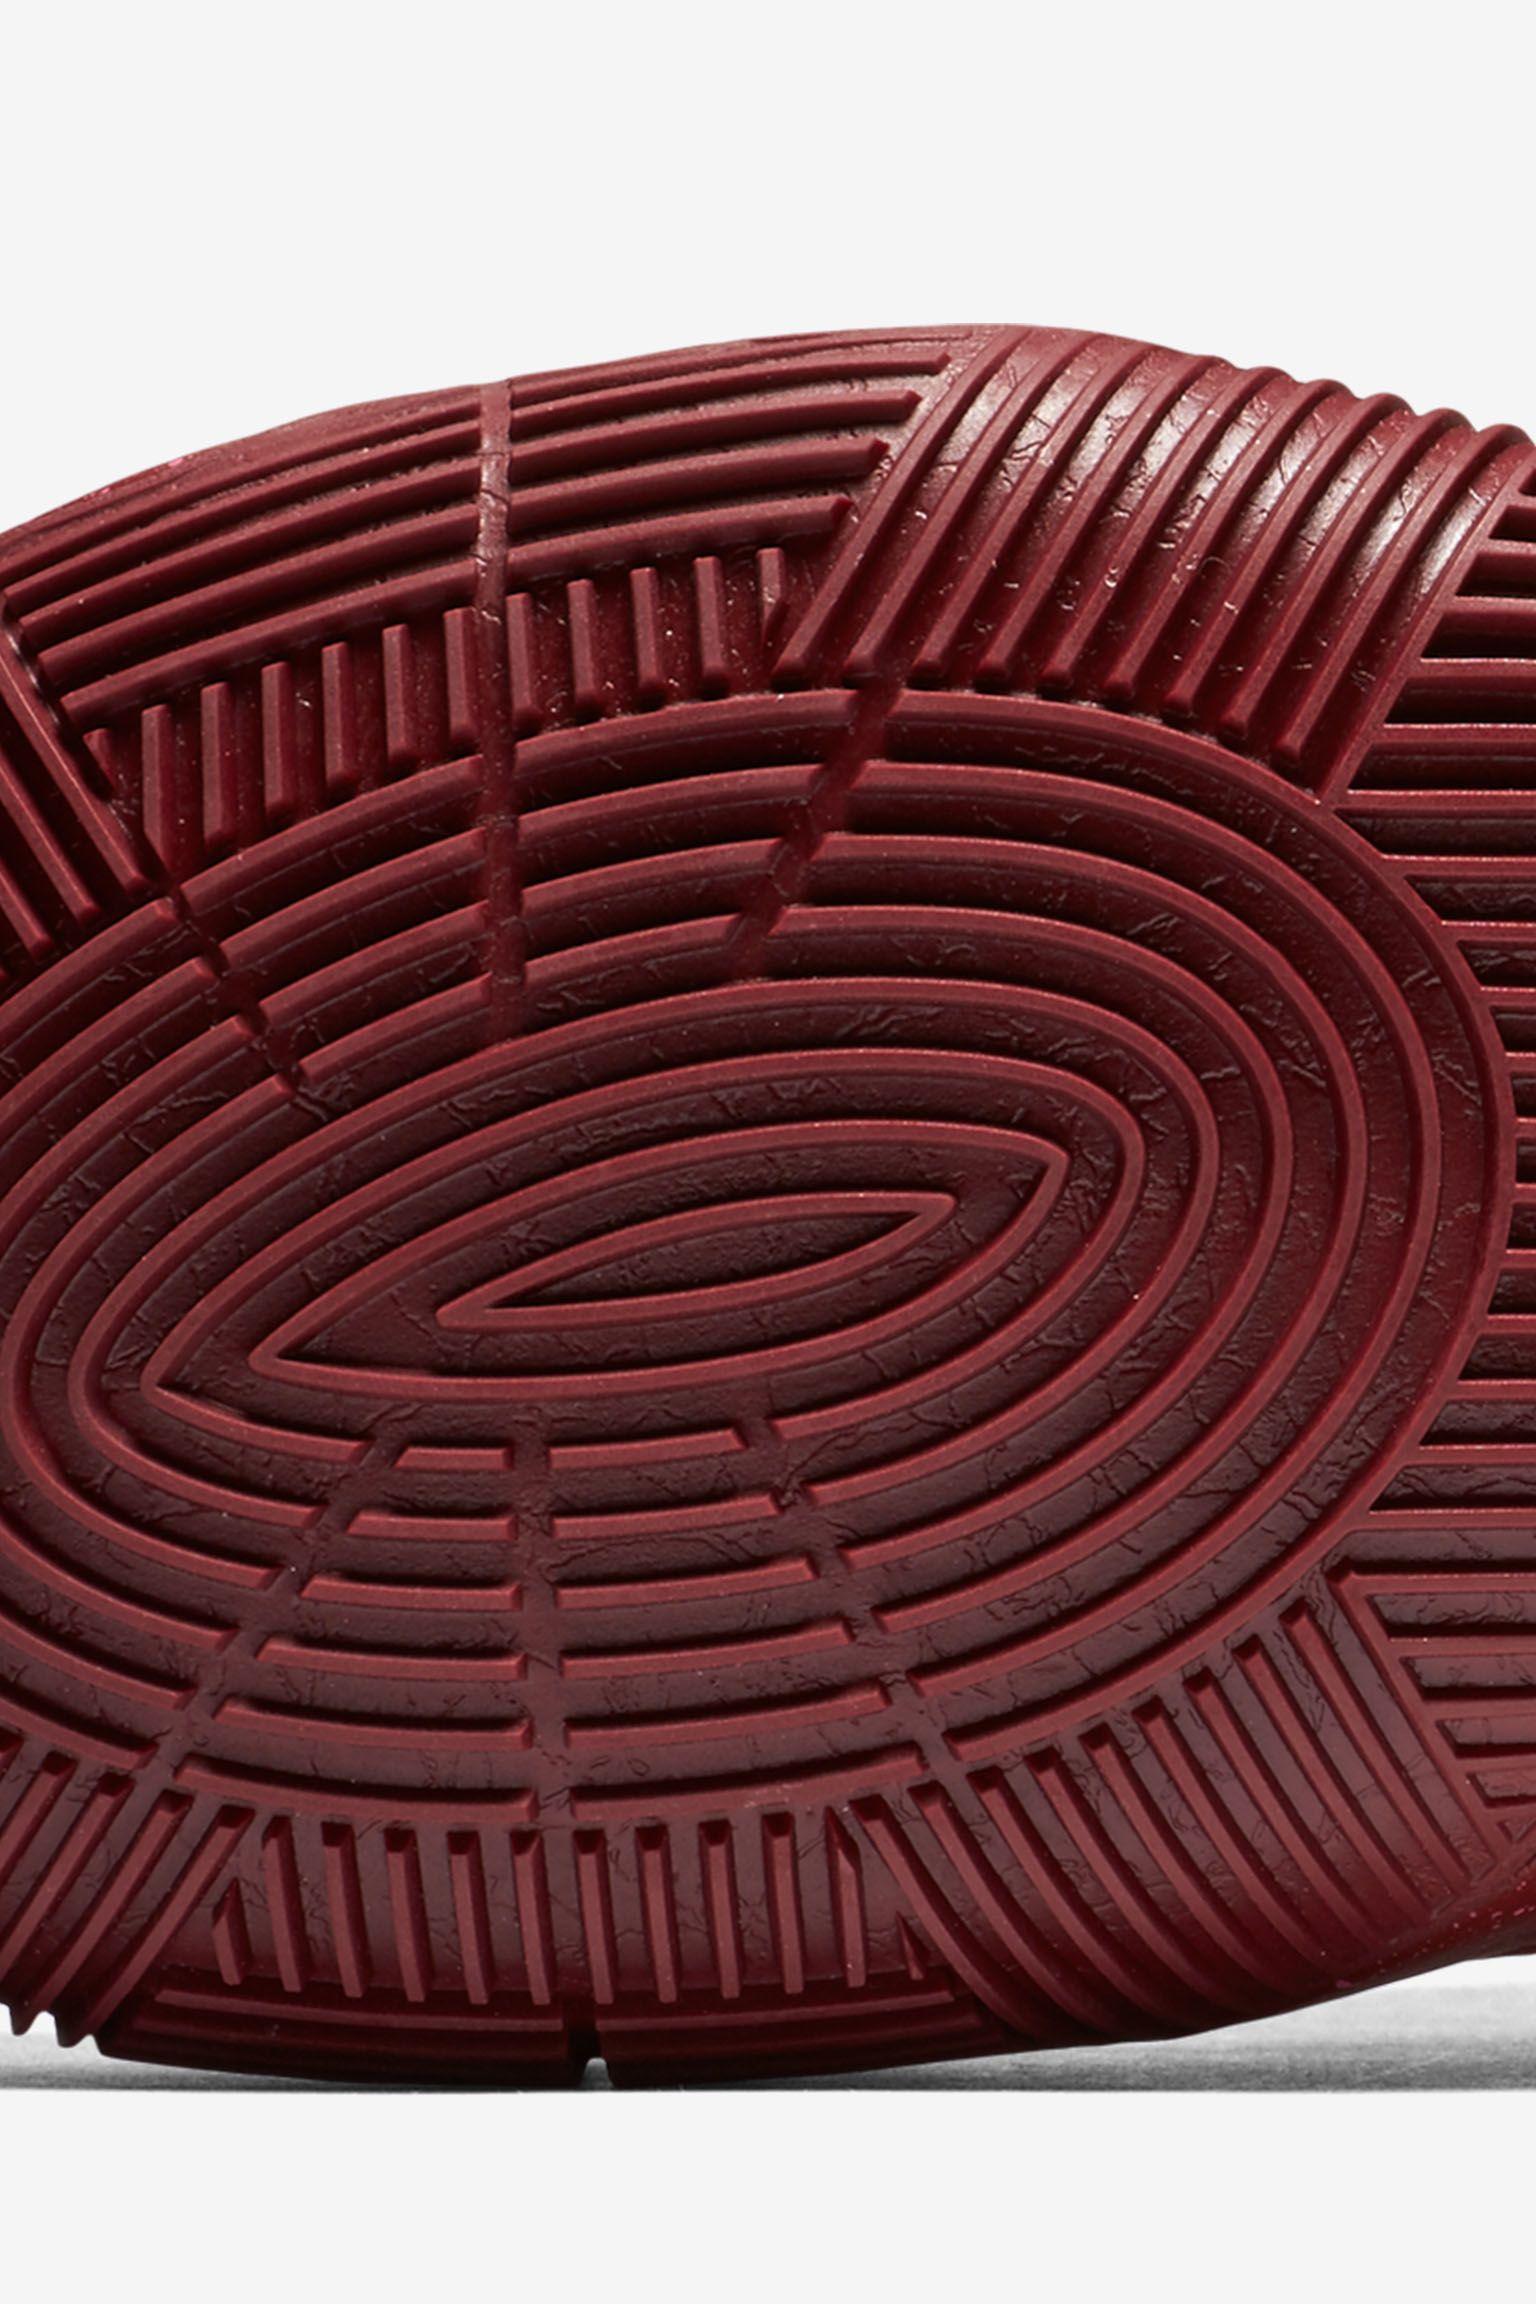 Nike Kyrie 2 'Red Velvet' Release Date